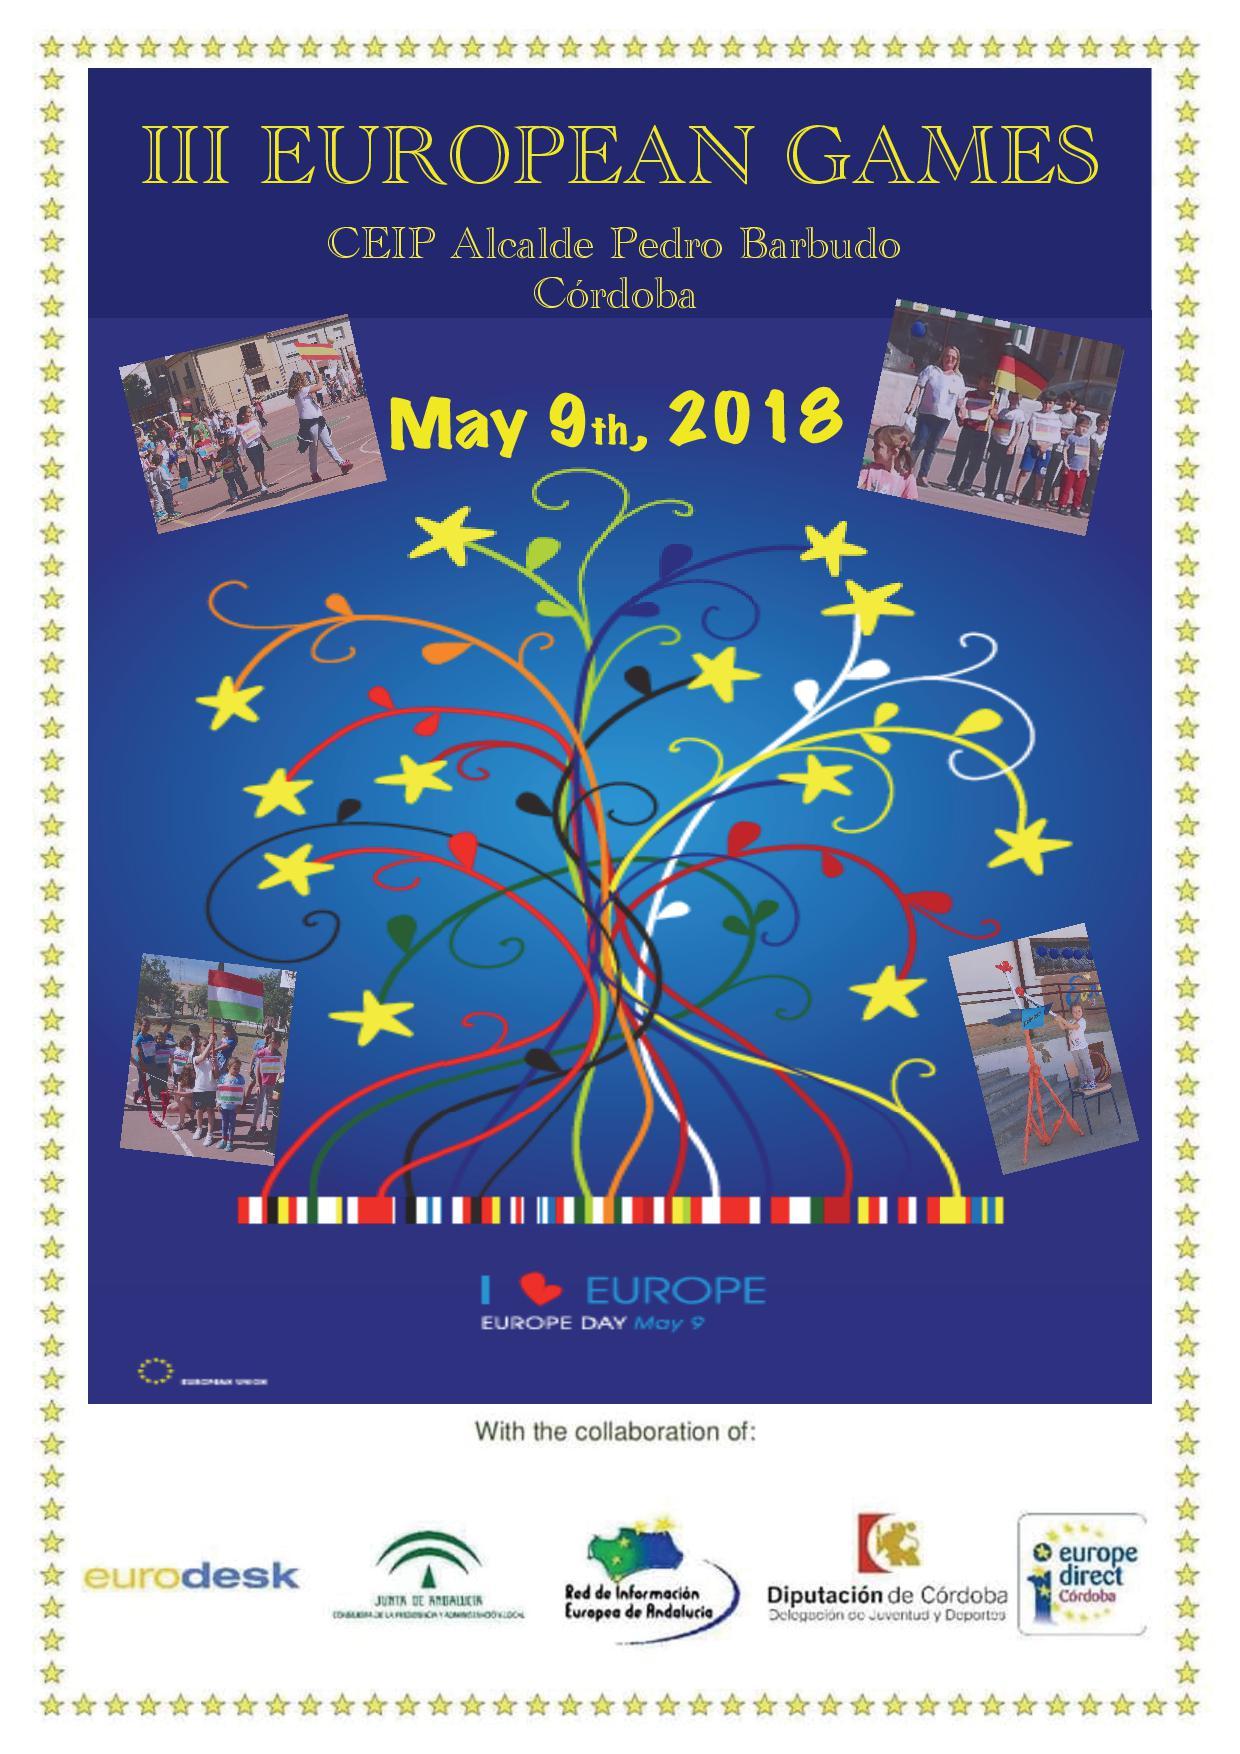 Día Europa 2018 en Córdoba (CEIP Pedro Barbudo)